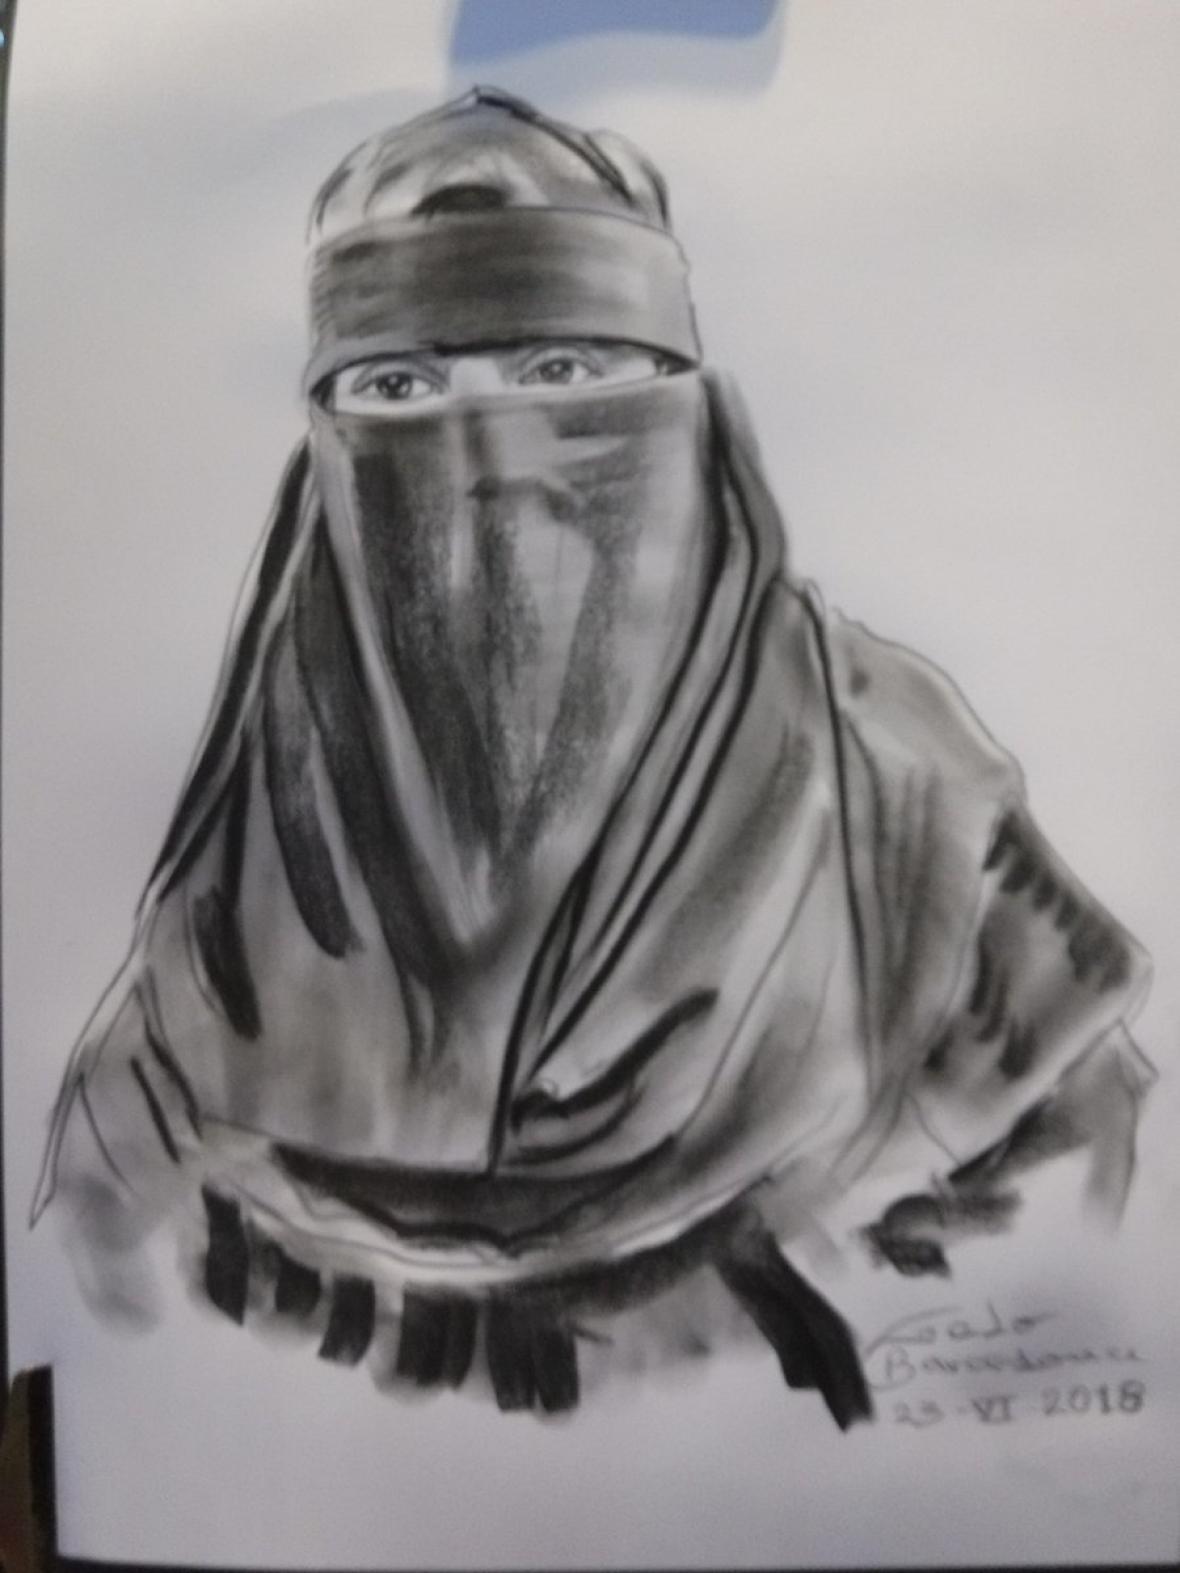 Retrato de la mujer con niqab.